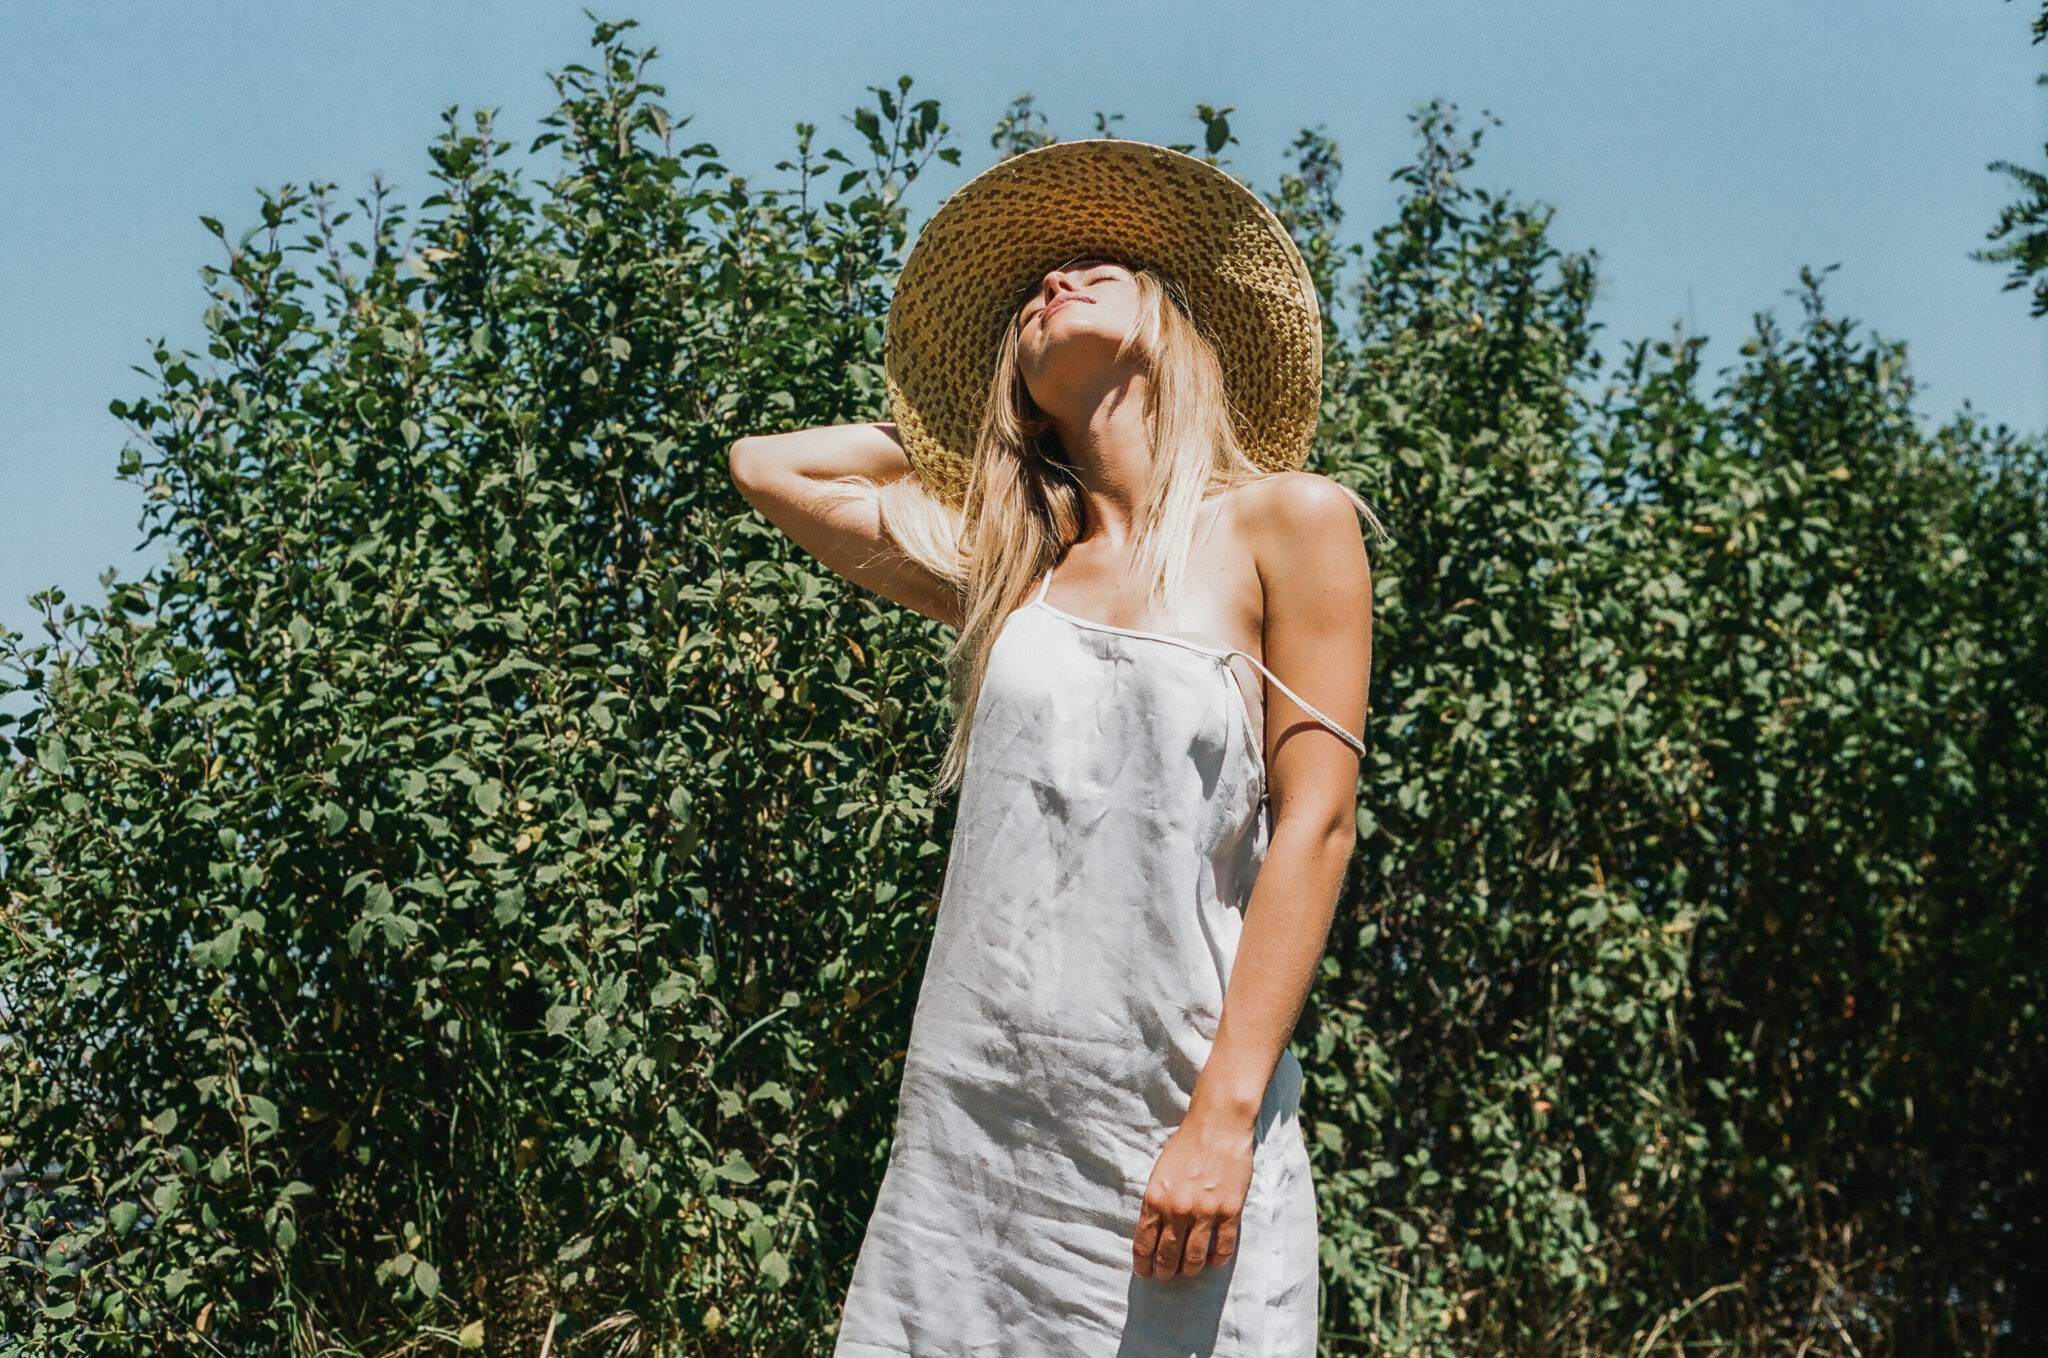 Modella bionda con vestito azzurro a spalline sottili e cappello di paglia di fronte ad alcuni alberi, fotografia analogica